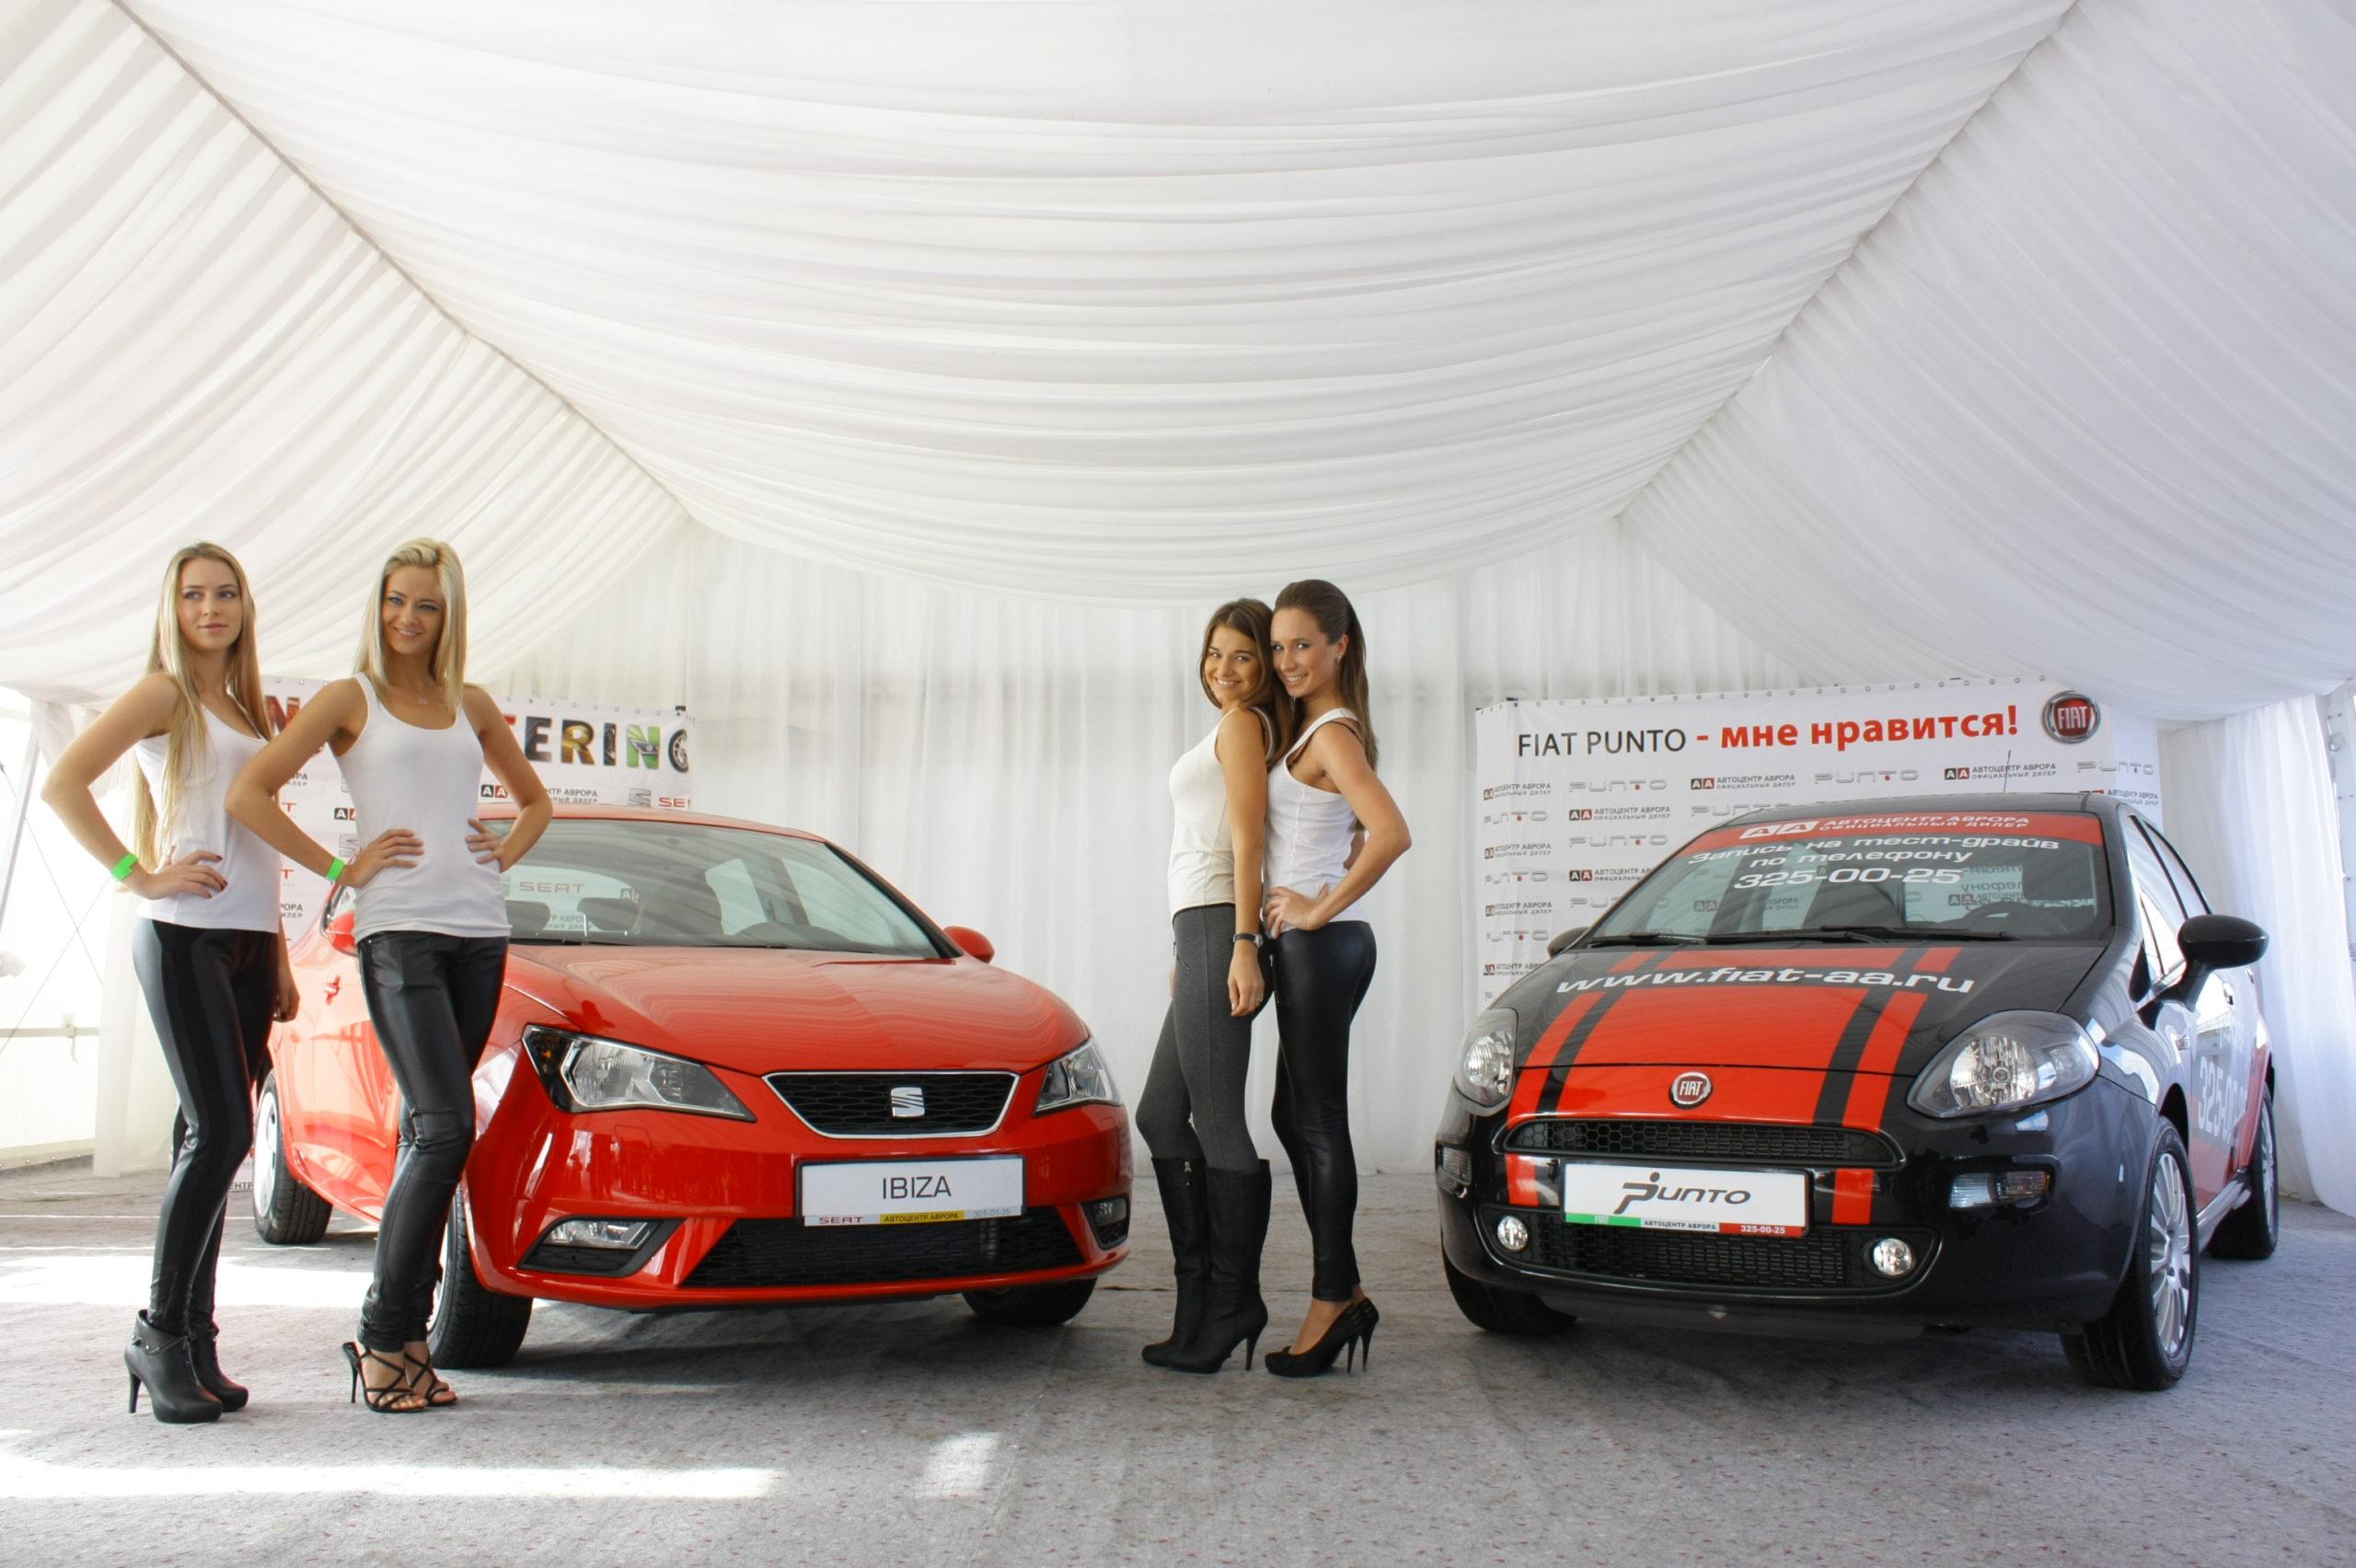 Презентация новых моделей автомобилей: SEAT Ibiza и Fiat Punto